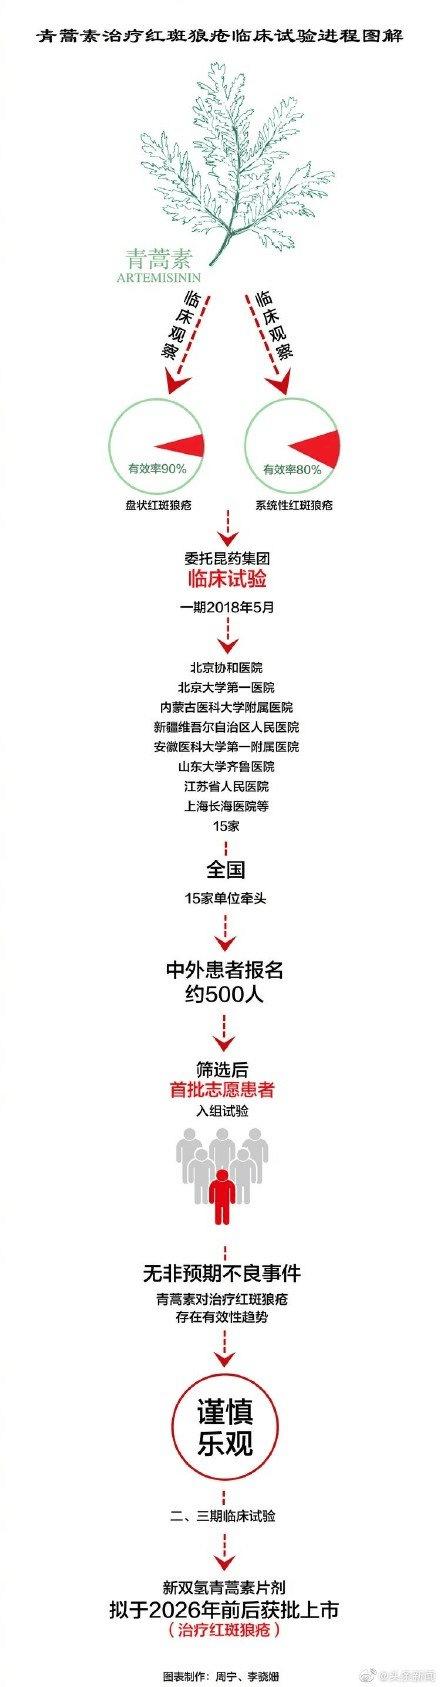 """屠呦呦团队:""""青蒿素抗药性""""等研究获新突破(图1)"""